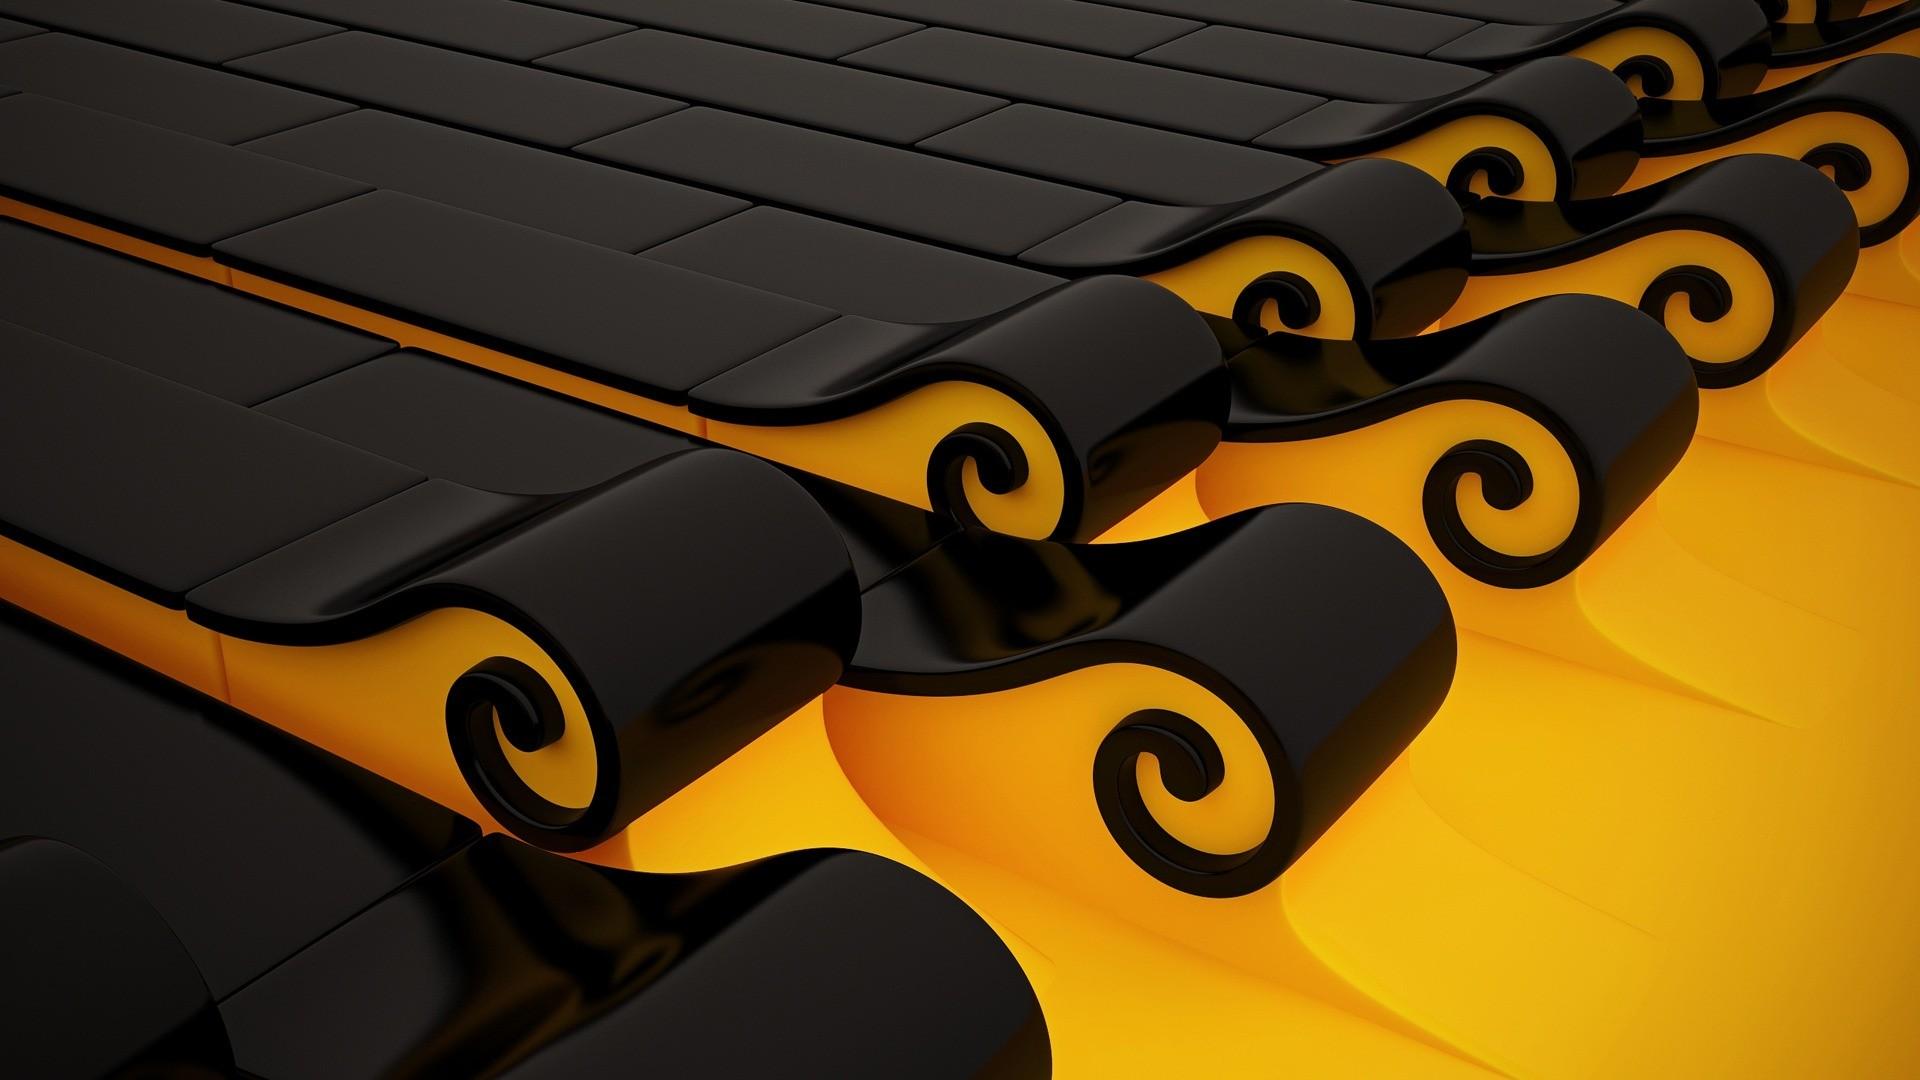 3D Tsunami Roll Wallpaper 3D Models 3D Wallpapers